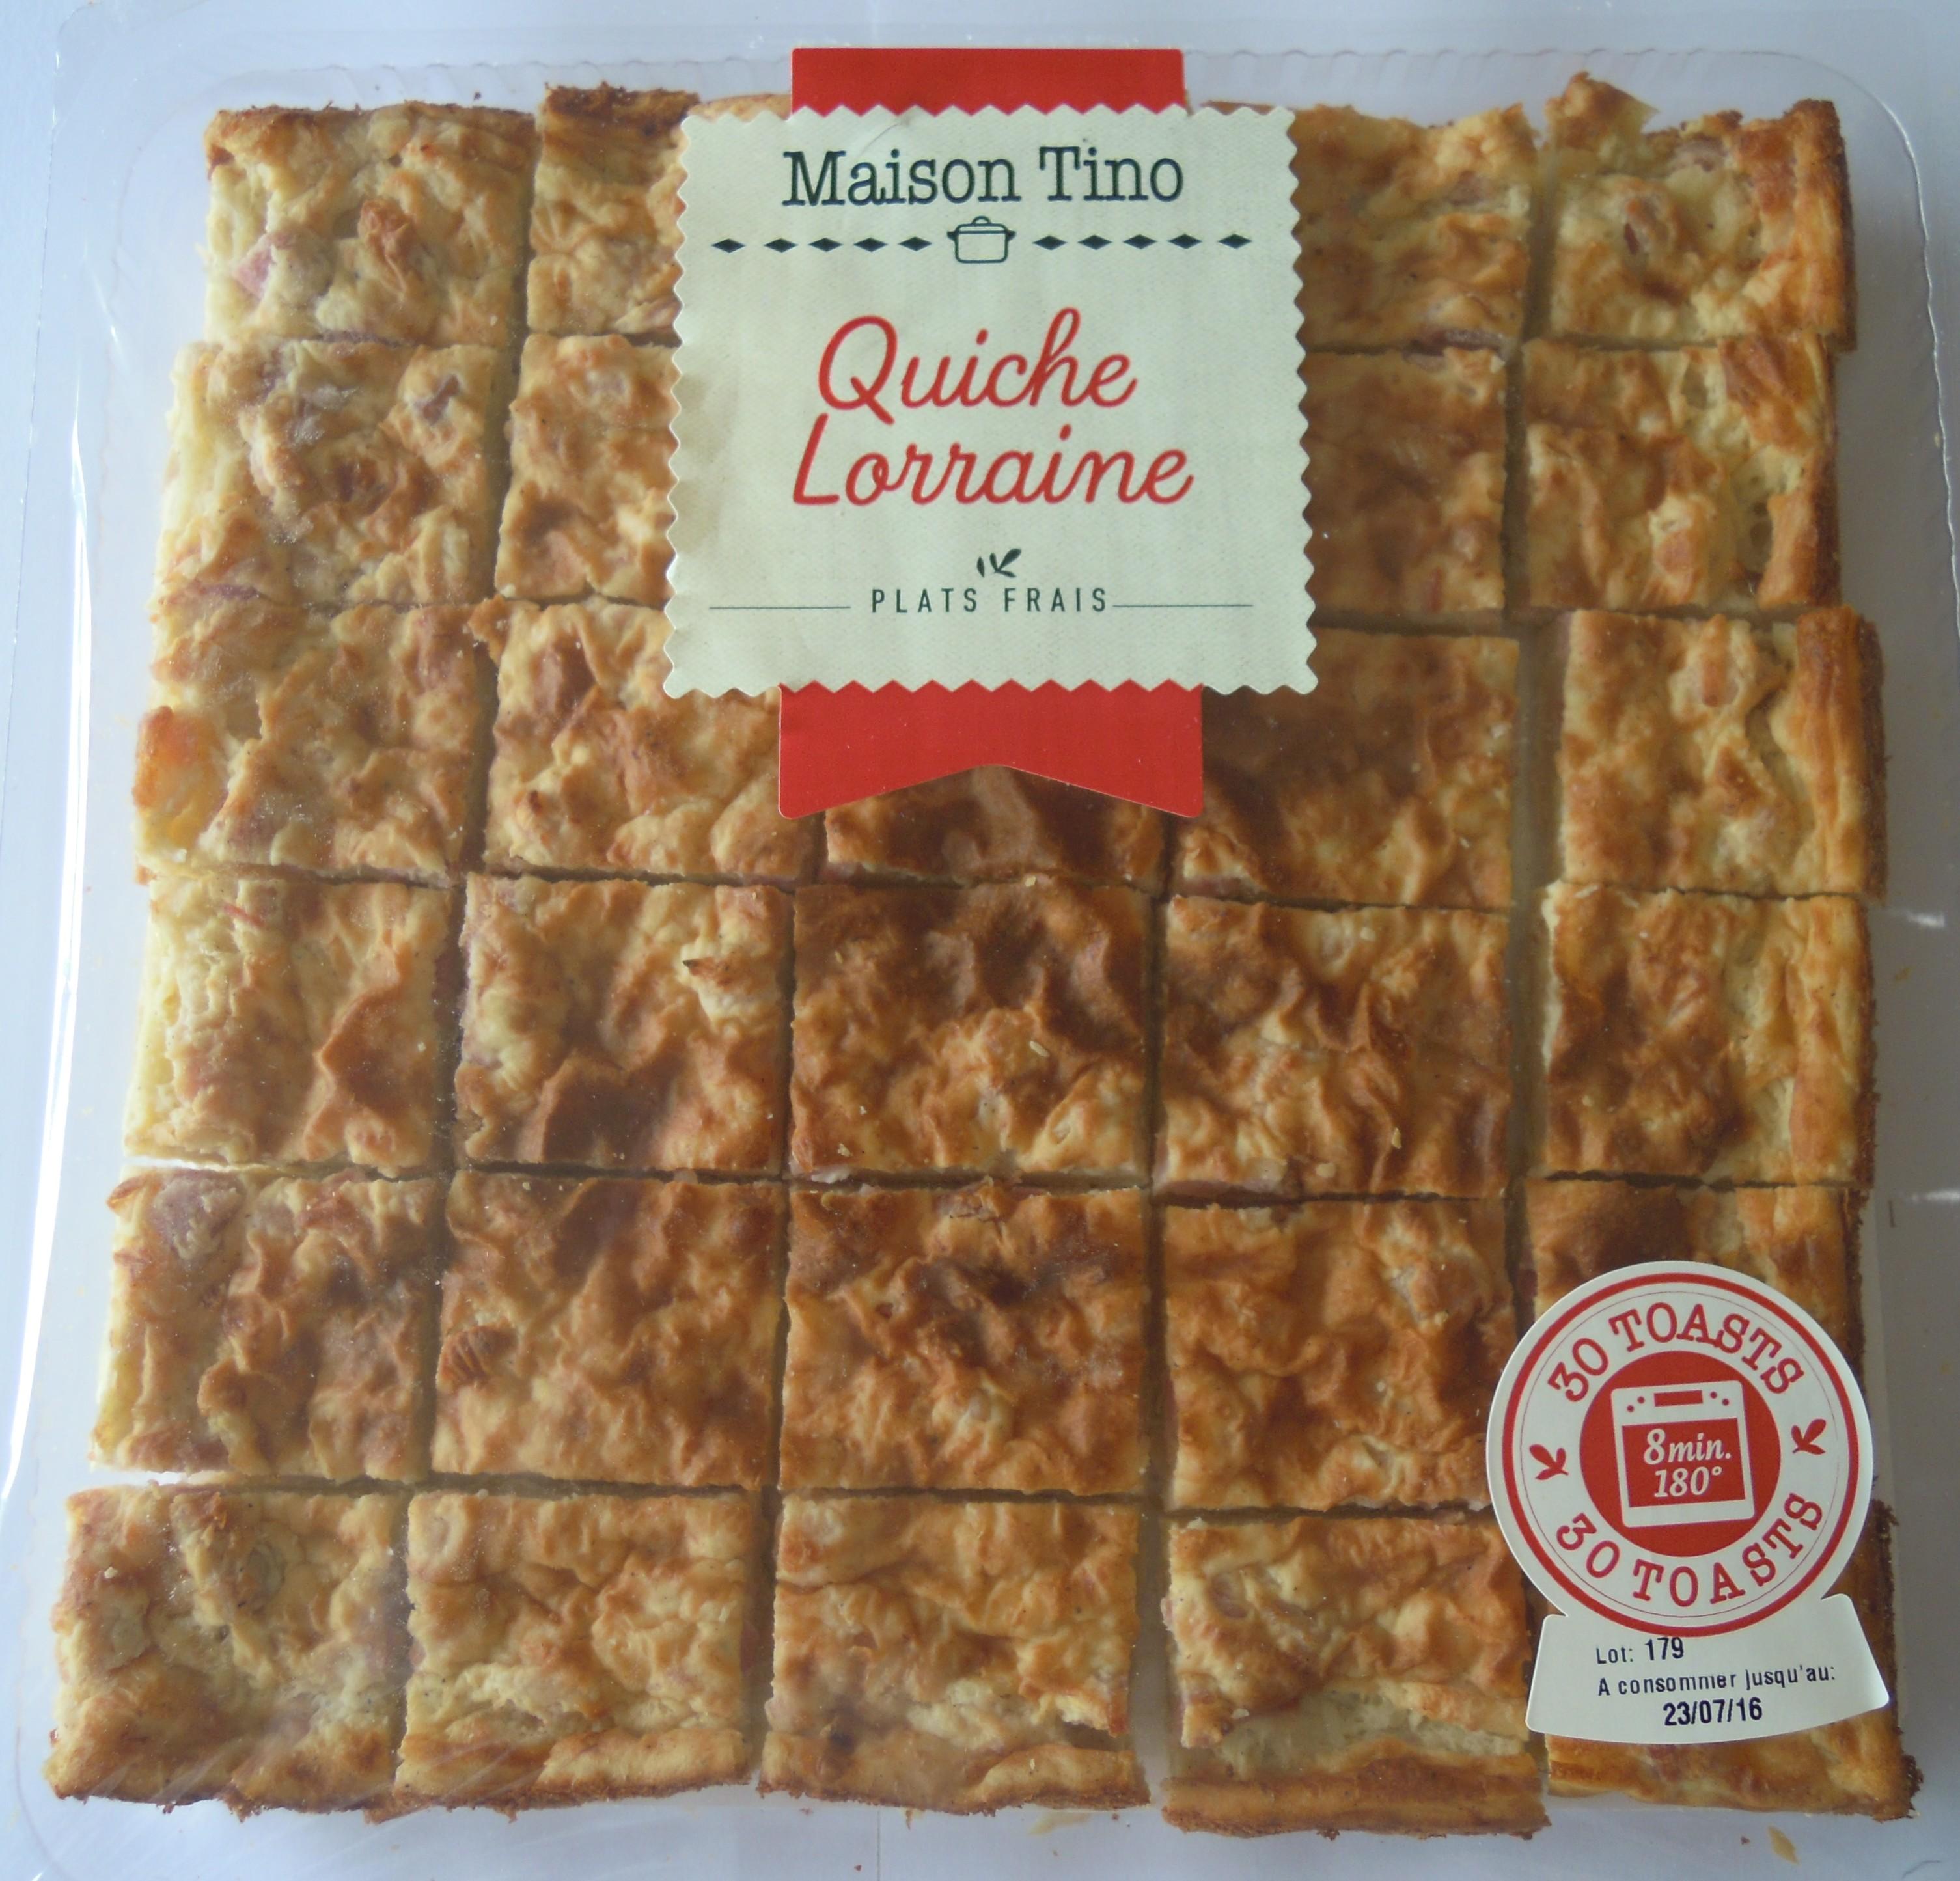 Quiche Lorraine, Maison Tino (x 30 toasts, 420 g)